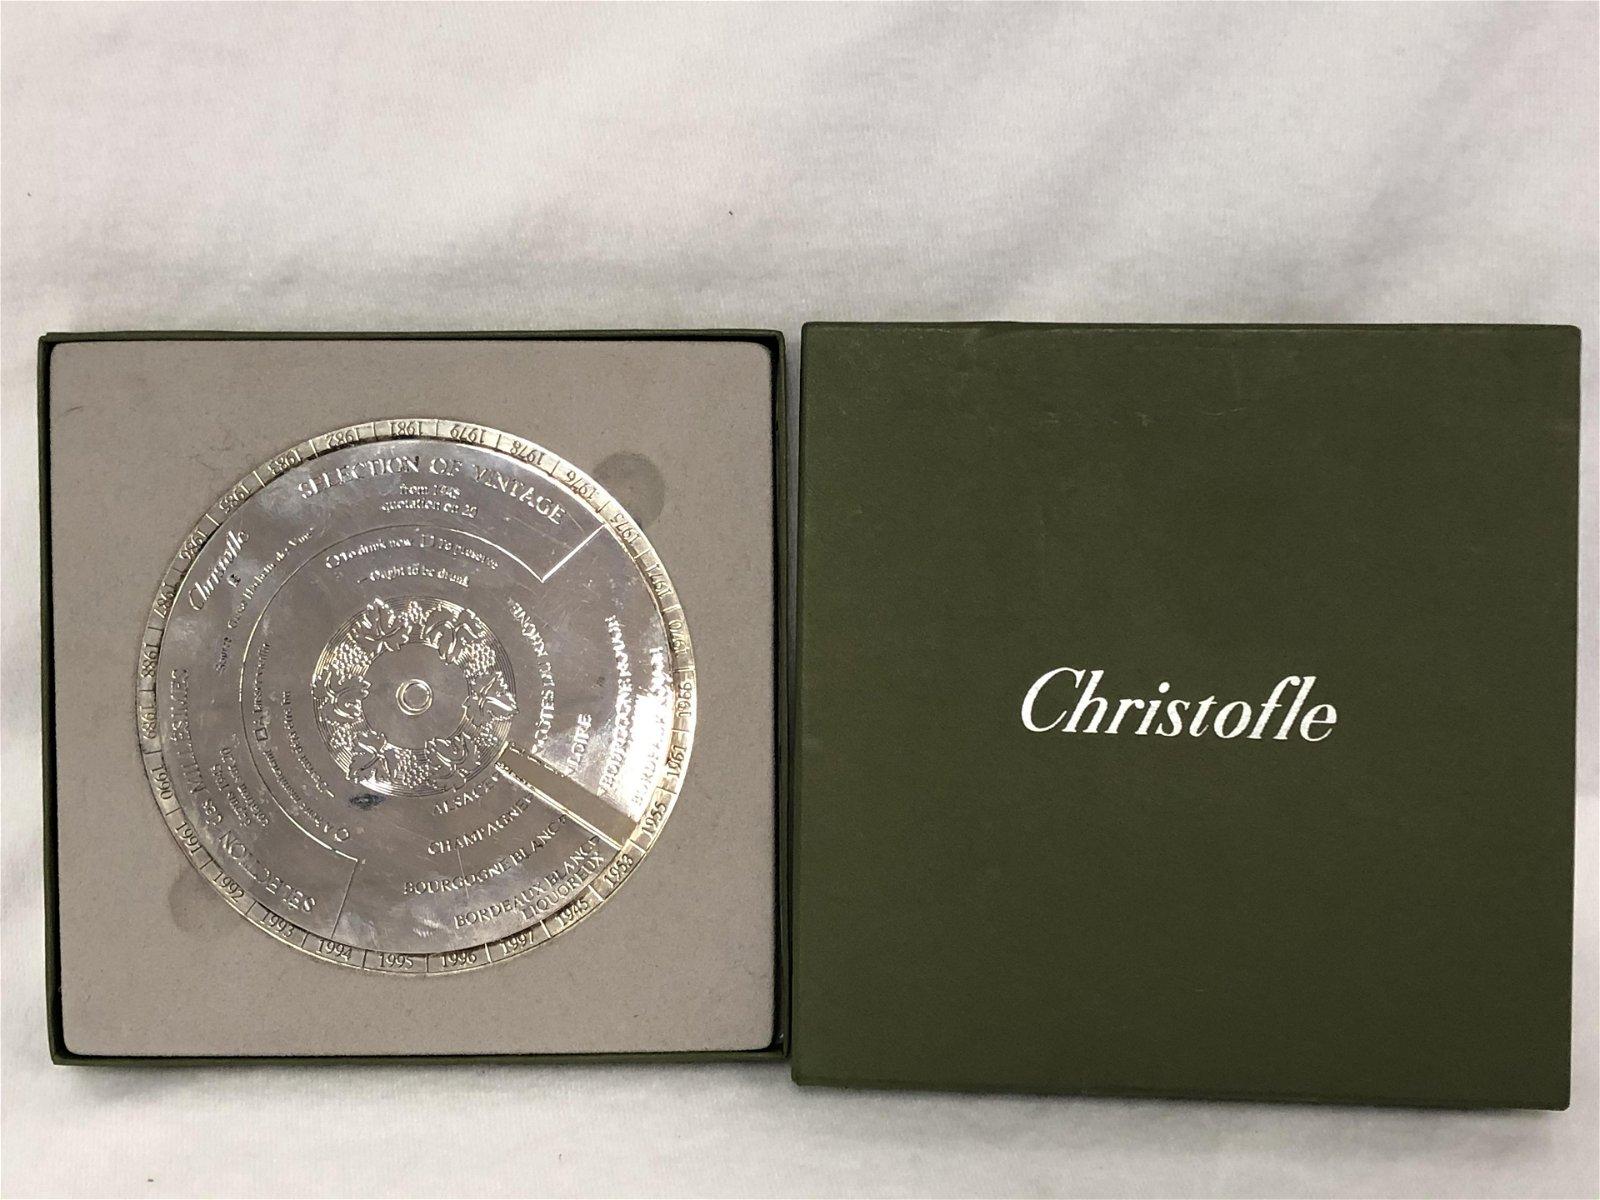 Christofle Oenologie Bottle Coaster - Disque Des